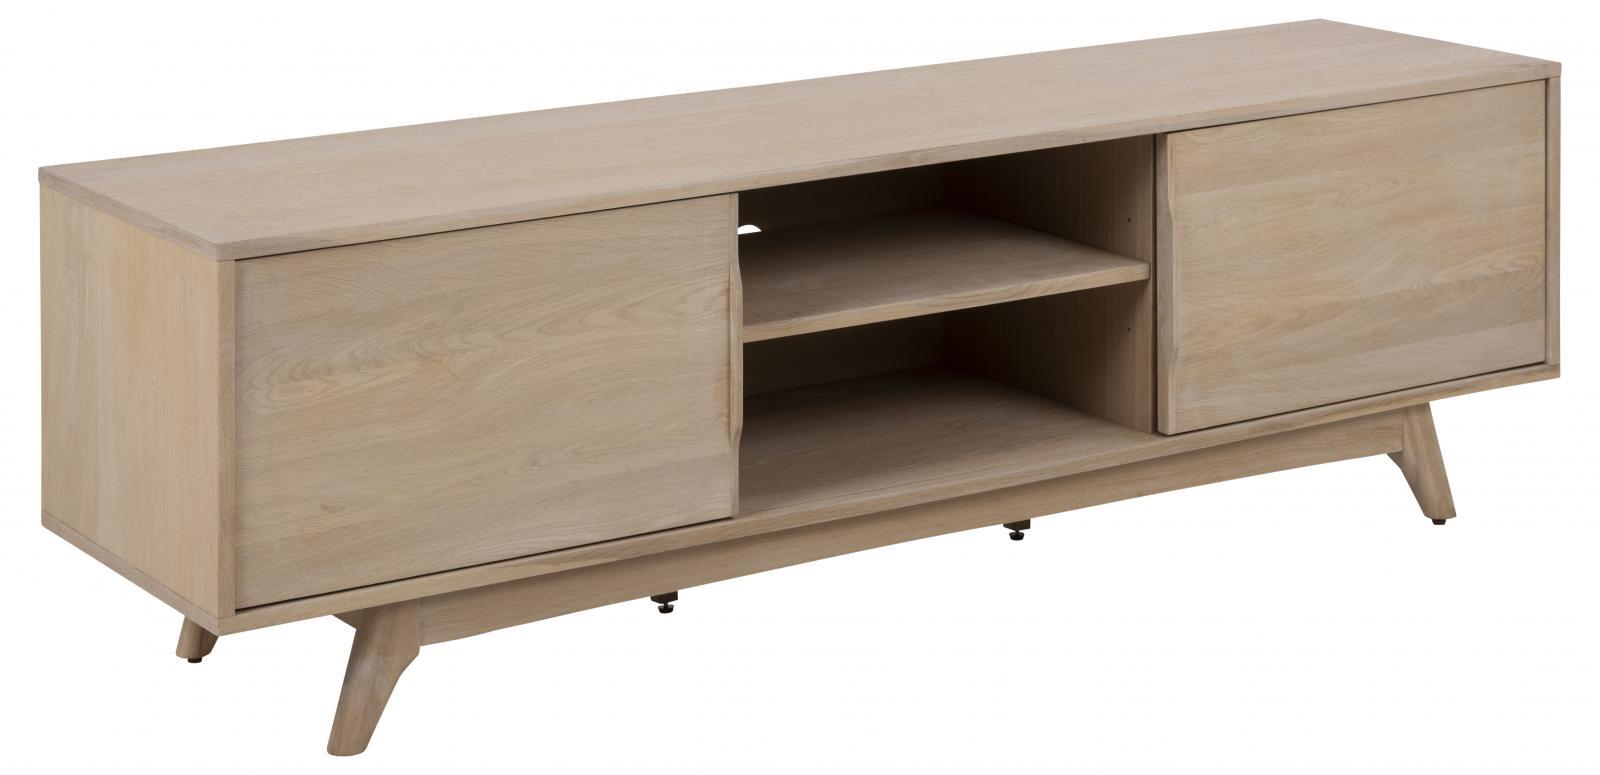 Drewniana szafka RTV 180 cm w stylu skandynawskim